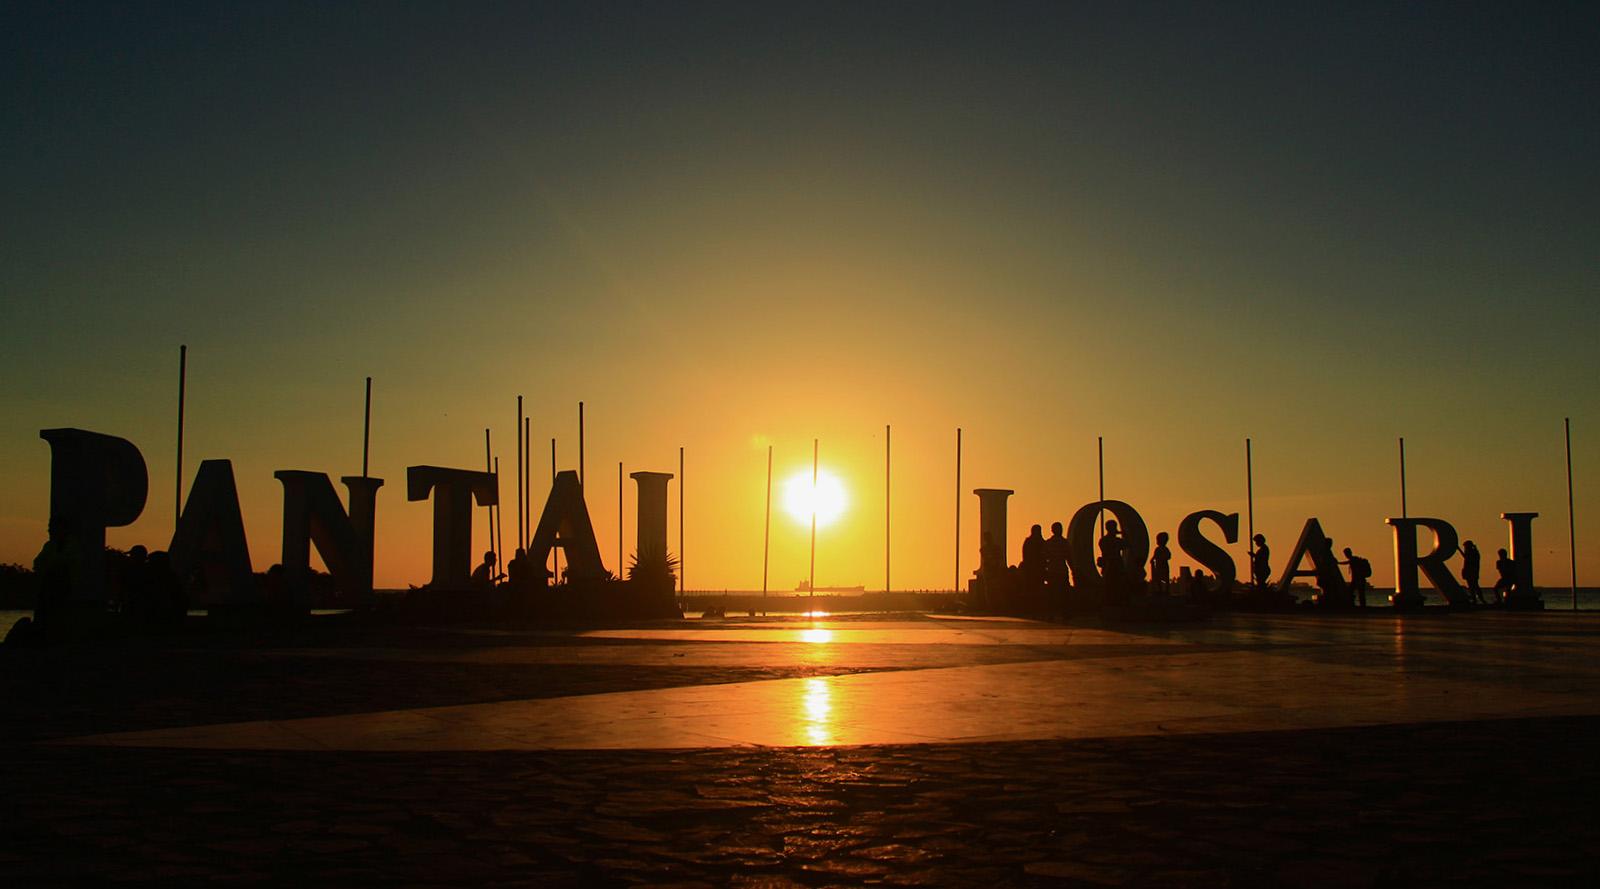 Pantai Pantai Indah Yang Terkenal Sebagai Tempat Wisata Di Sekitar